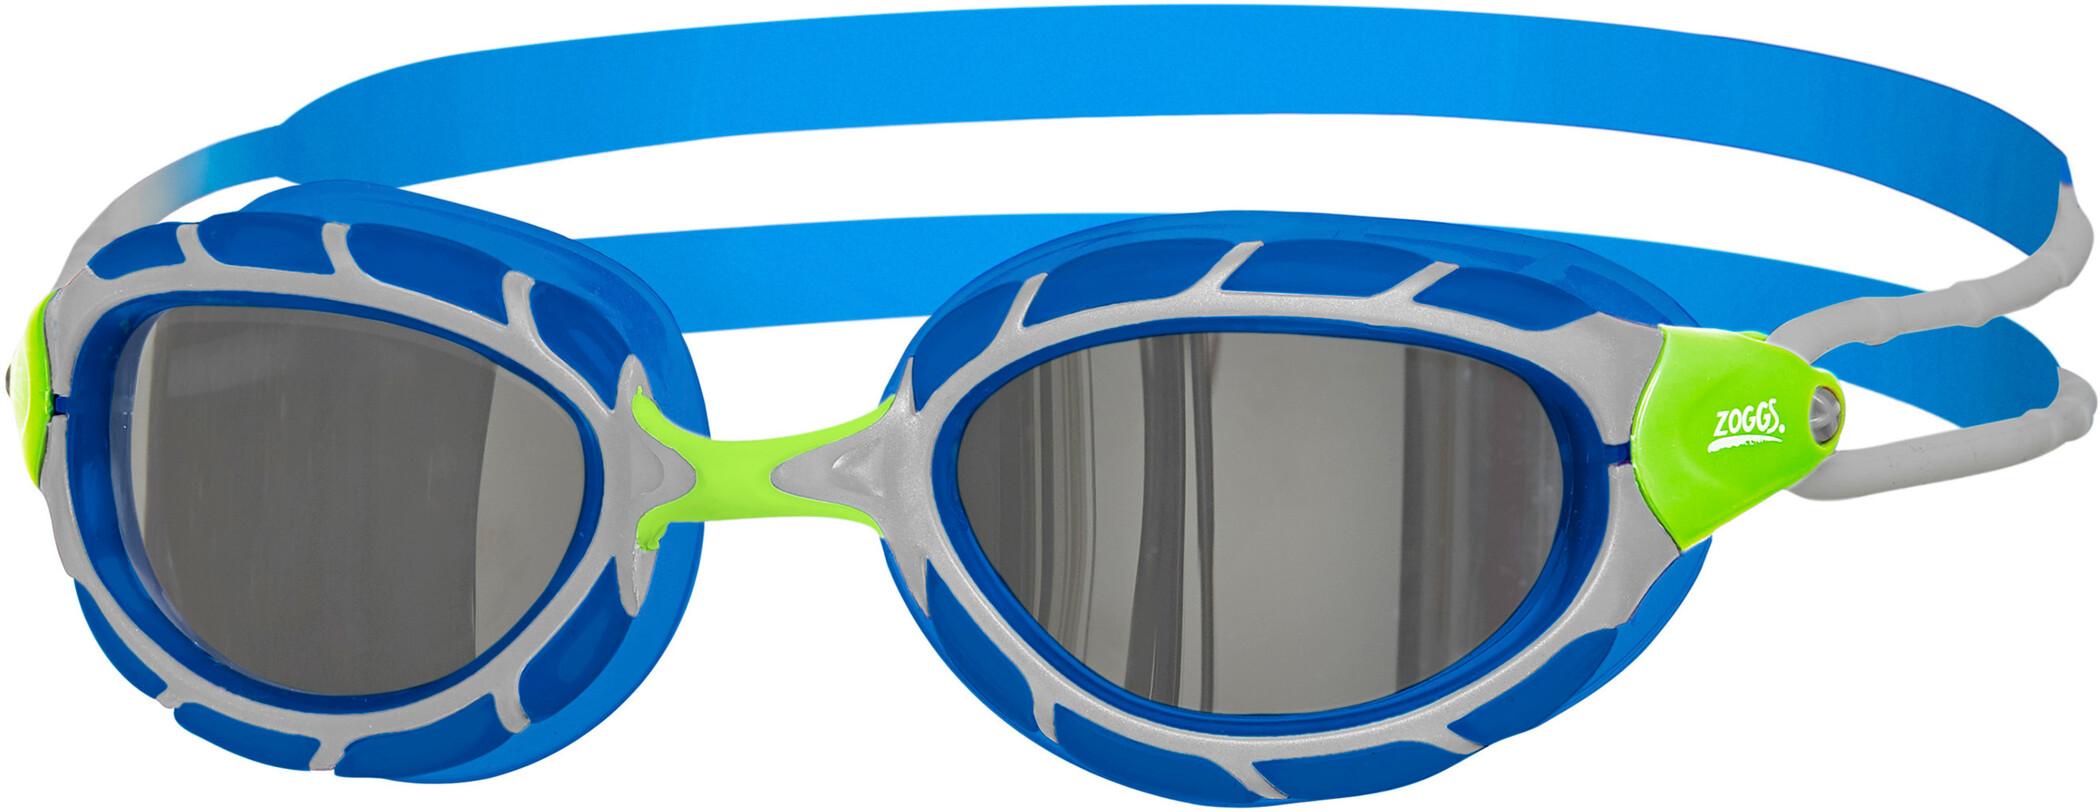 Zoggs Predator Mirror Svømmebriller Børn, green/blue/mirror (2019) | swim_clothes